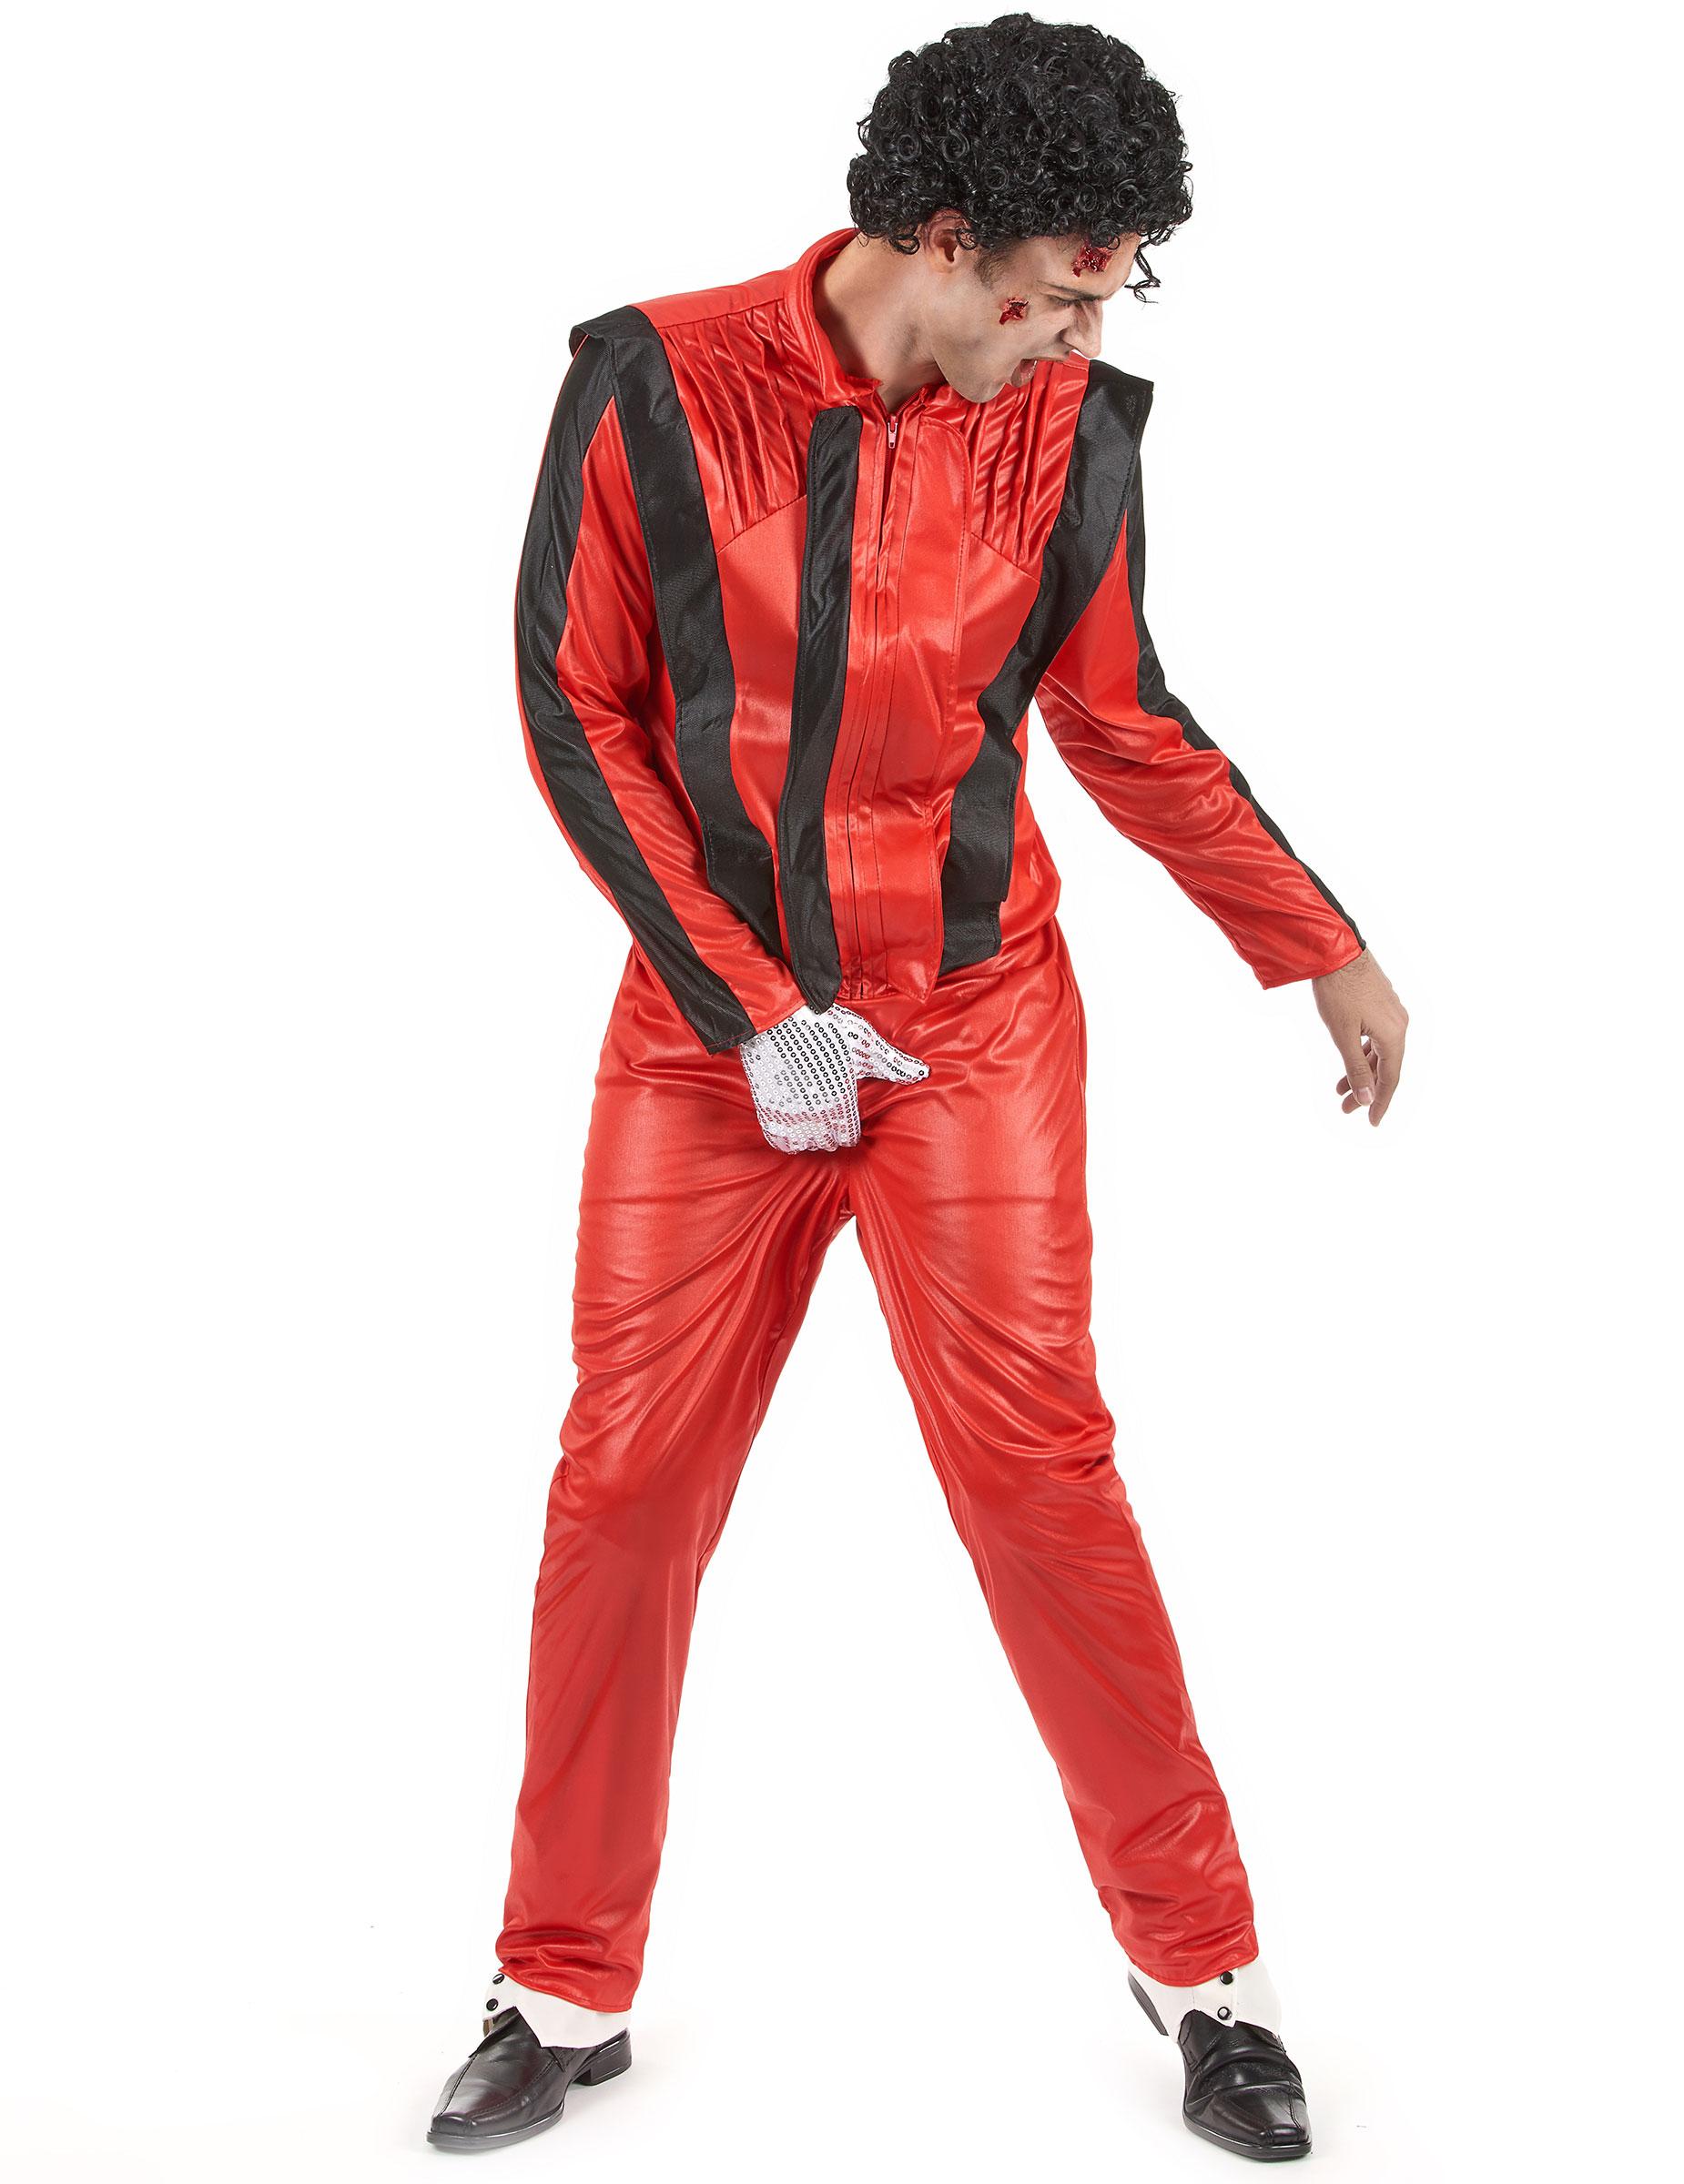 Dguisement De Michael Jackson Dans Thriller Deguise Toi